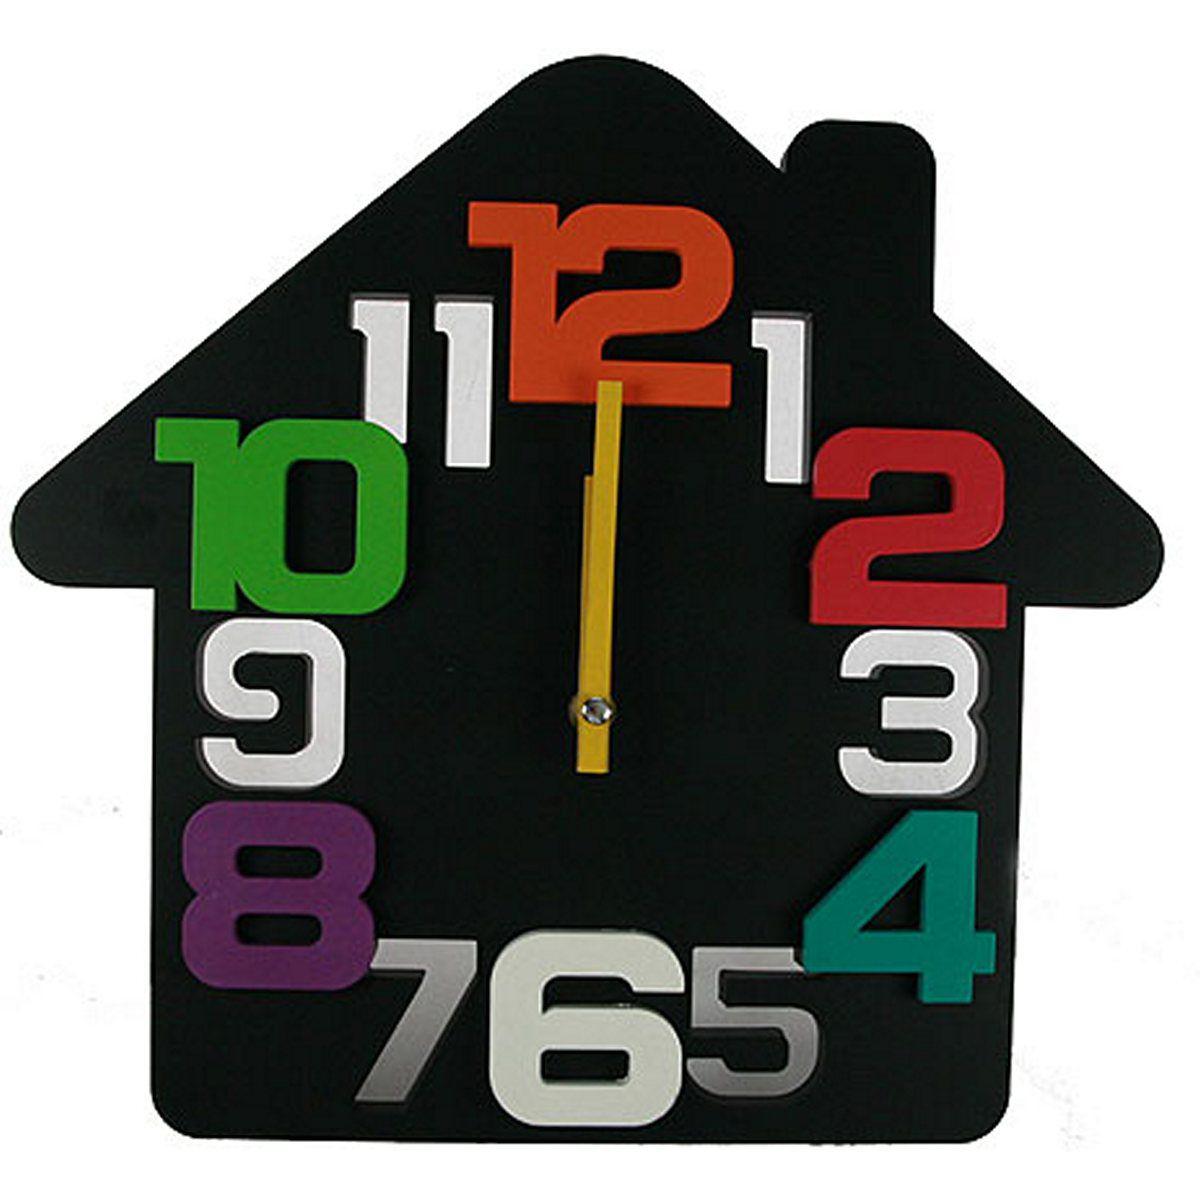 Часы настенные Русские Подарки Домик. 222418222418Настенные кварцевые часы Русские Подарки Домик изготовлены из пластика. Корпус оригинально оформлен в виде домика. Часы имеют две стрелки - часовую и минутную. С обратной стороны имеется петелька для подвешивания на стену.Такие часы красиво и необычно оформят интерьер дома или офиса. Также часы могут стать уникальным, полезным подарком для родственников, коллег, знакомых и близких. Часы работают от батареек типа АА (в комплект не входят).